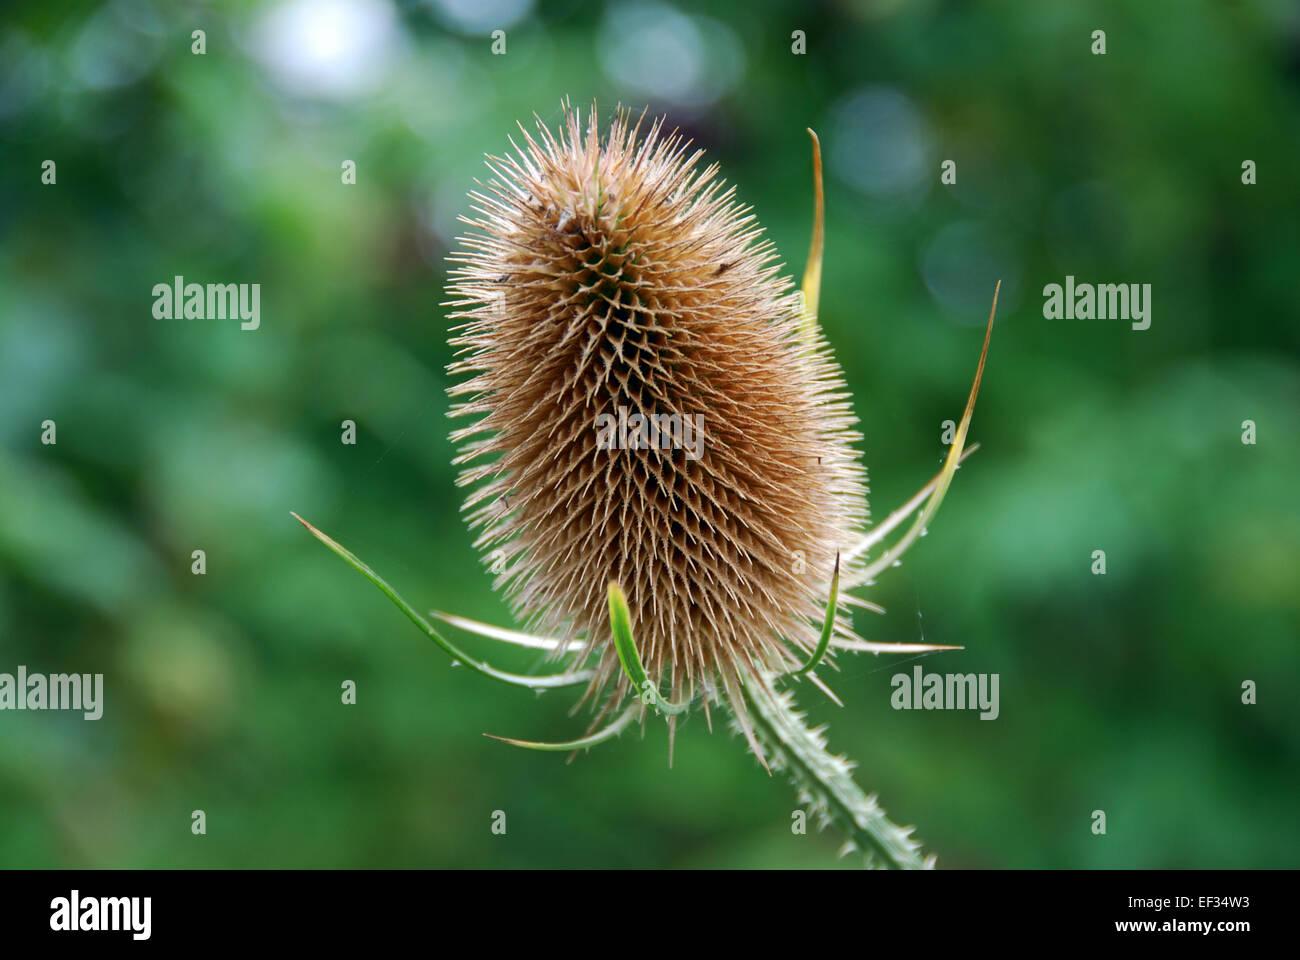 Teasel seedhead, UK - Stock Image